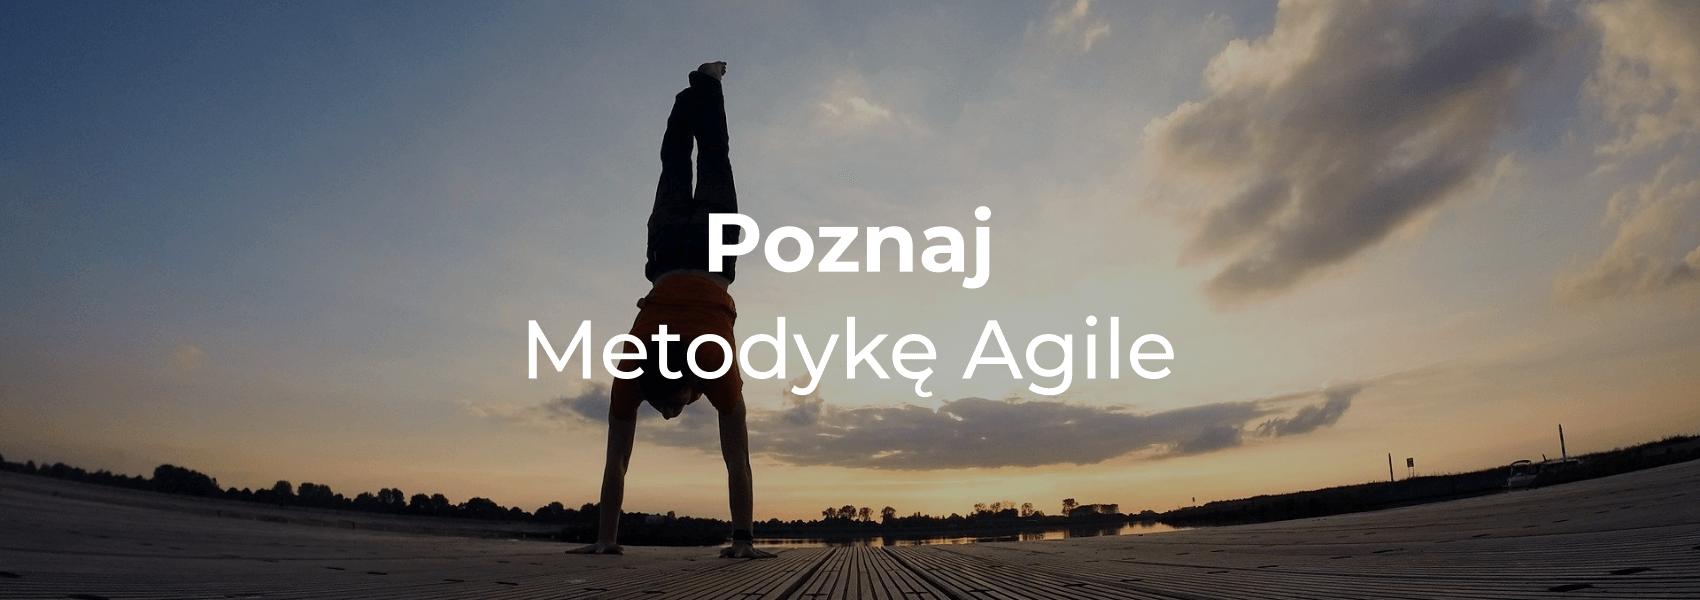 Poznaj Metodykę Agile